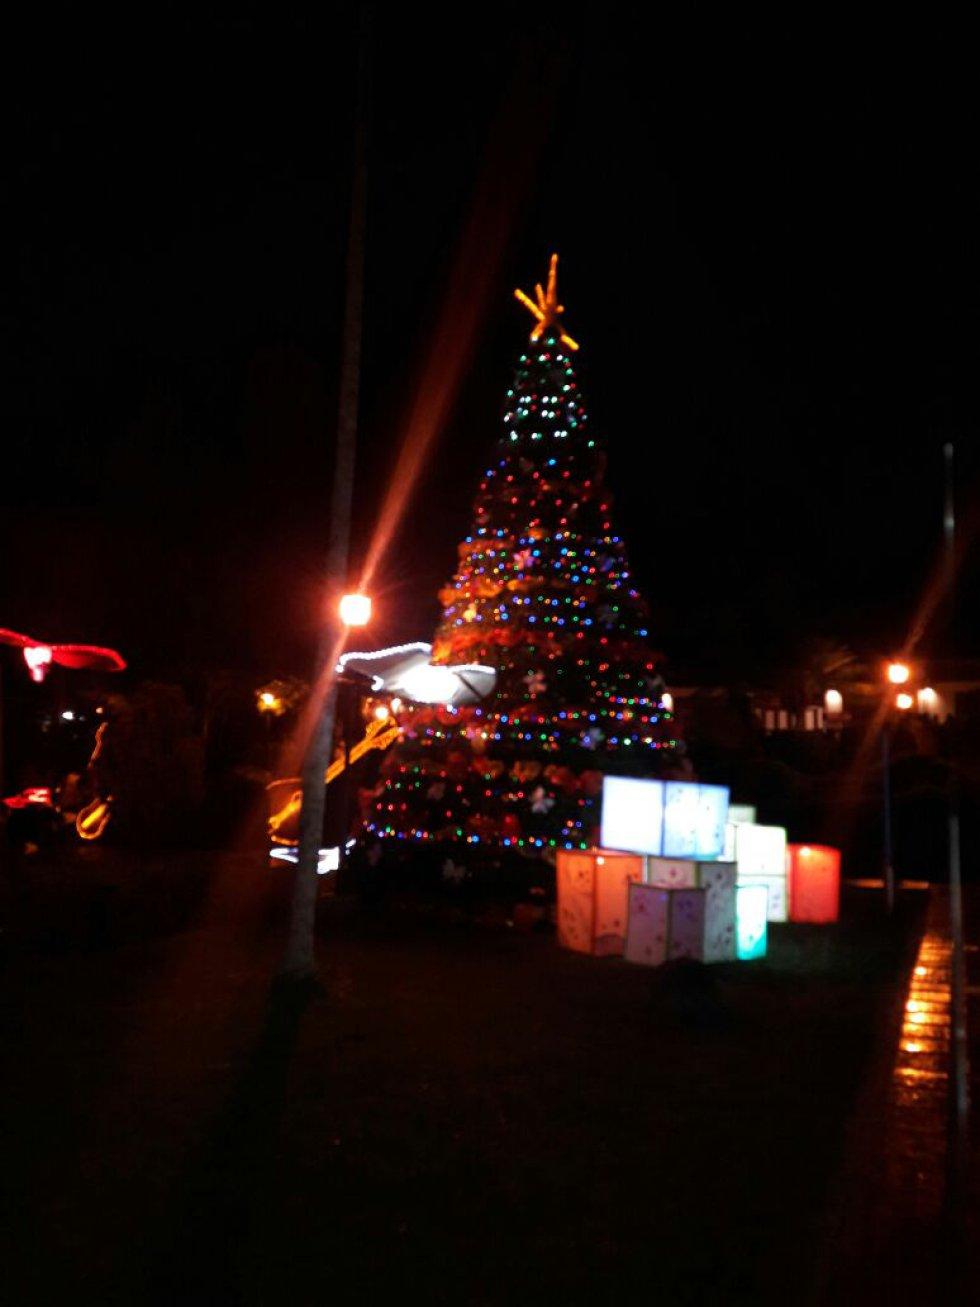 El arbolito de navidad no podía faltar en el alumbrado del parque del café